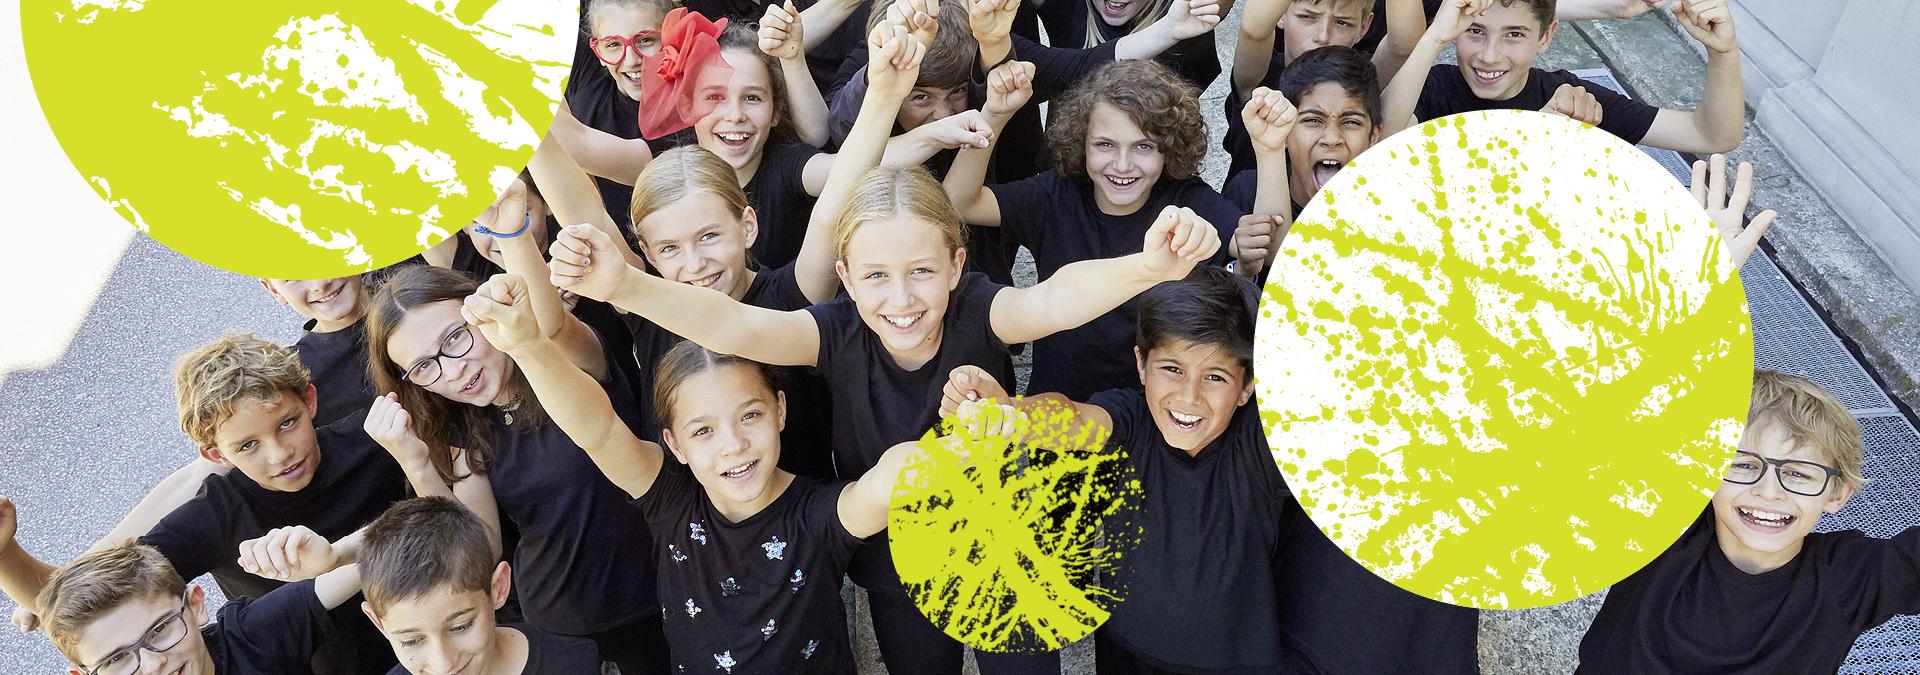 Kinder jubeln und gelbe Kreise im Bild